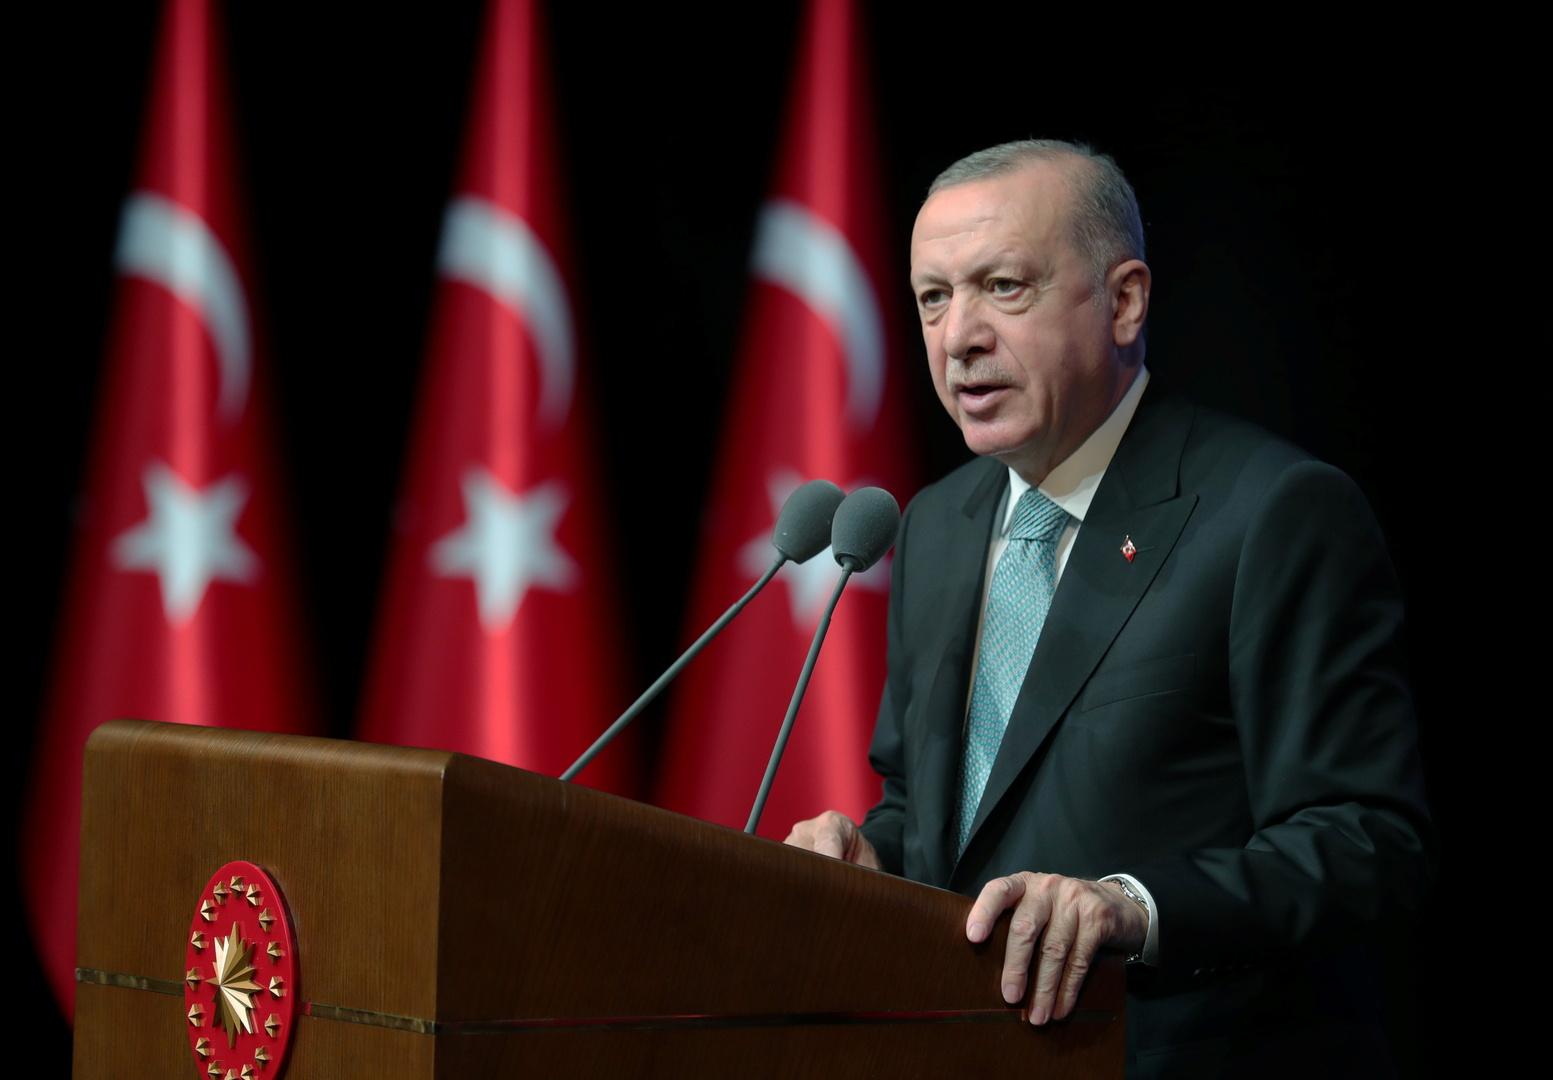 أردوغان يدعو إلى عدم استغلال حرائق الغابات في تركيا لـ